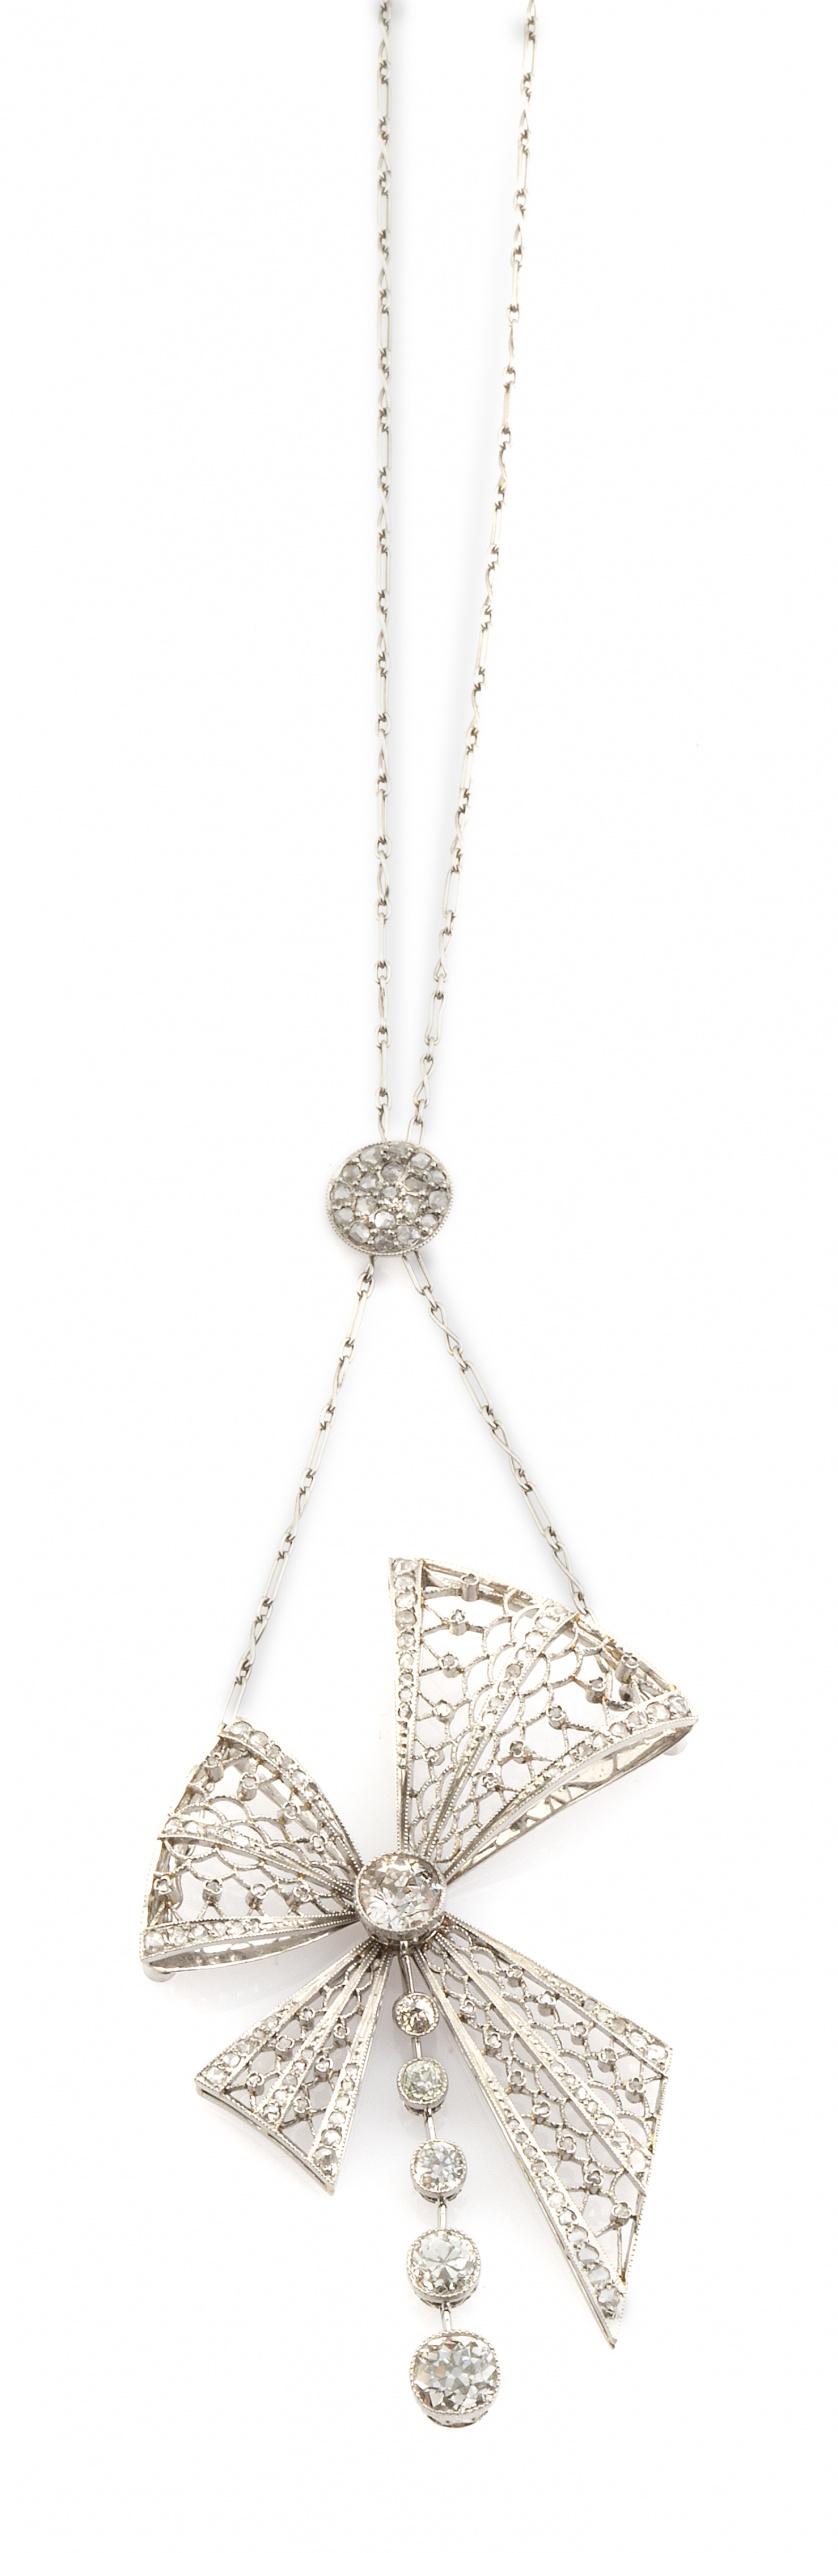 Pendentif de pp. s. XX con diseño de lazo de diamantes en c